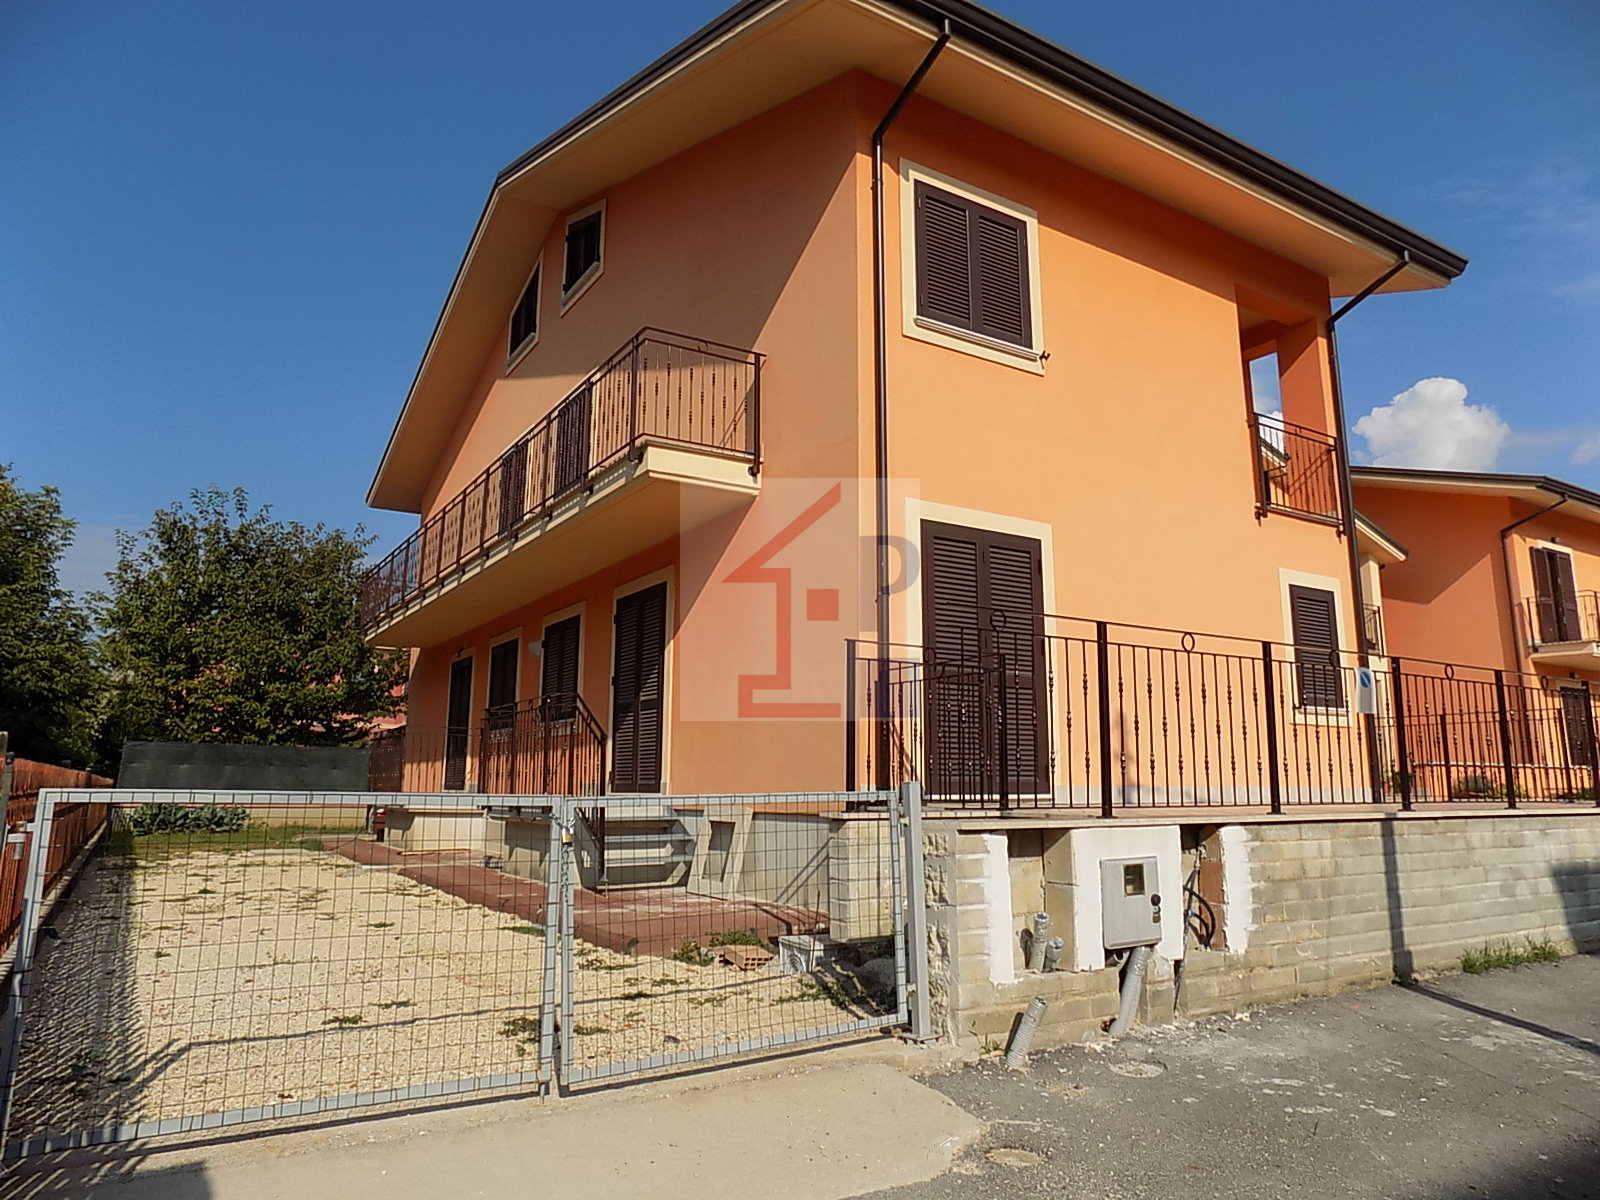 Villette in vendita a isola del liri nuova costruzione rif for Ammobiliare casa